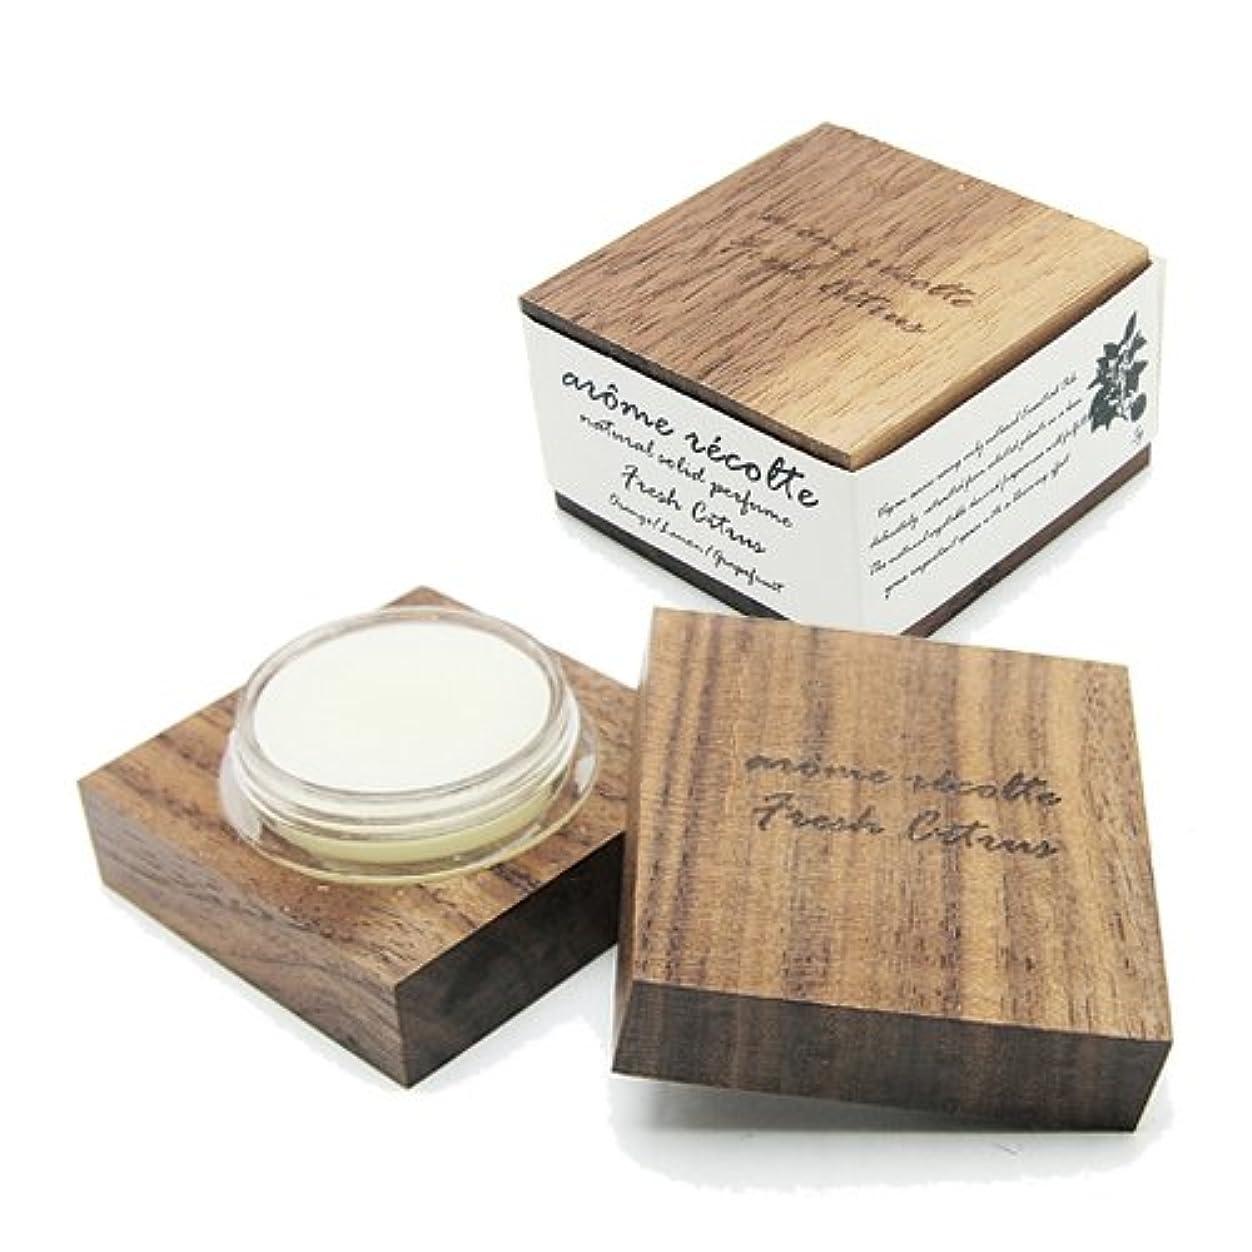 乳剤重要裁判所アロマレコルト ナチュラル ソリッドパフューム フレッシュシトラス Fresh Citurs arome recolte 練り香水